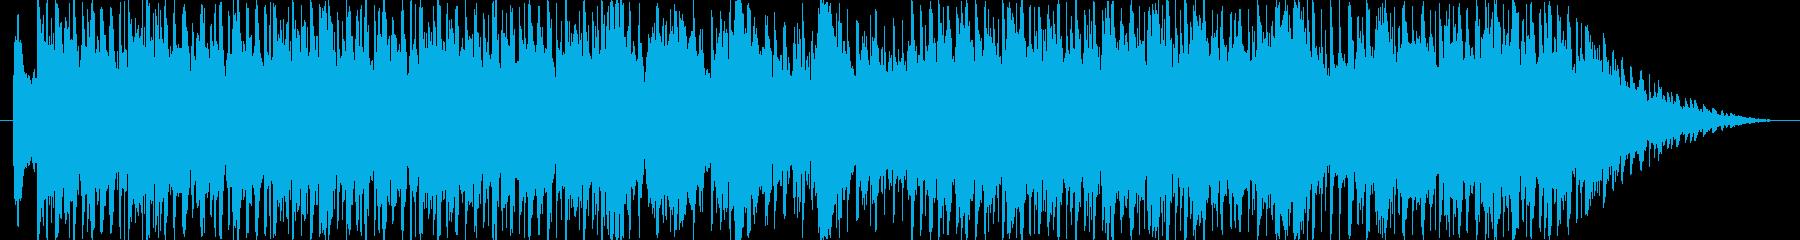 和楽器とトランスの融合した楽曲です。の再生済みの波形